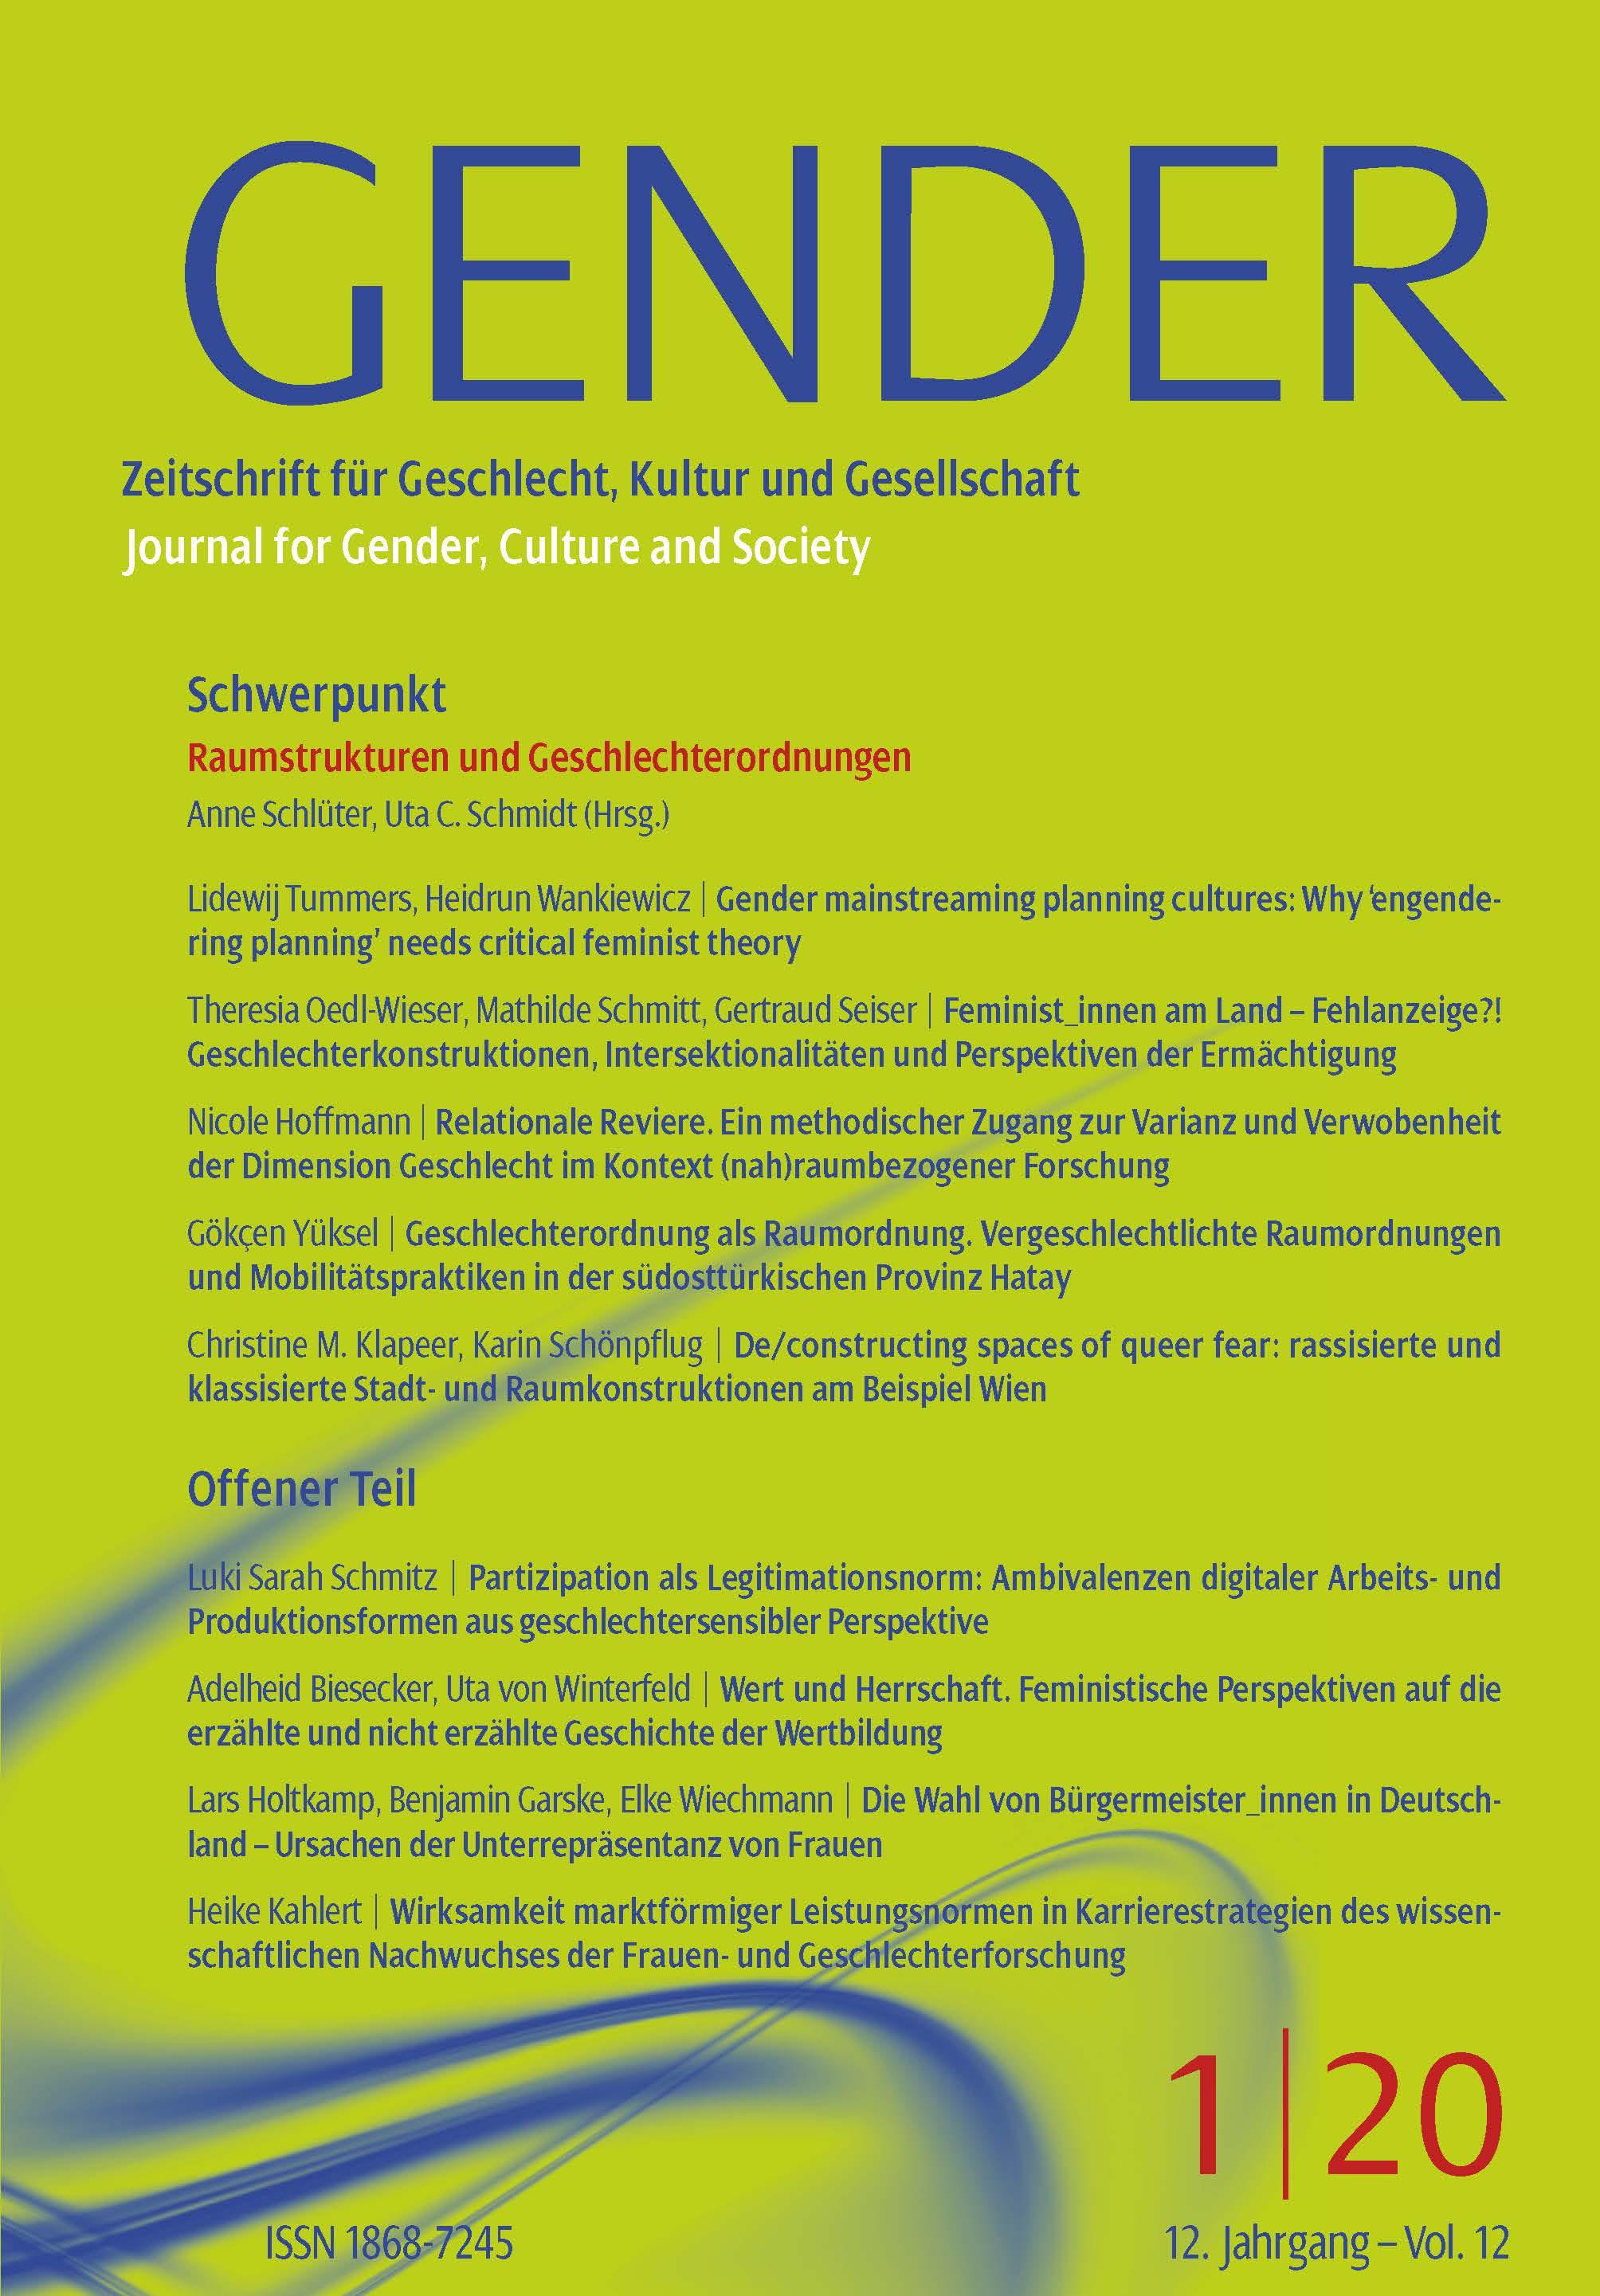 GENDER – Zeitschrift für Geschlecht, Kultur und Gesellschaft 1-2020: Raumstrukturen und Geschlechterordnungen